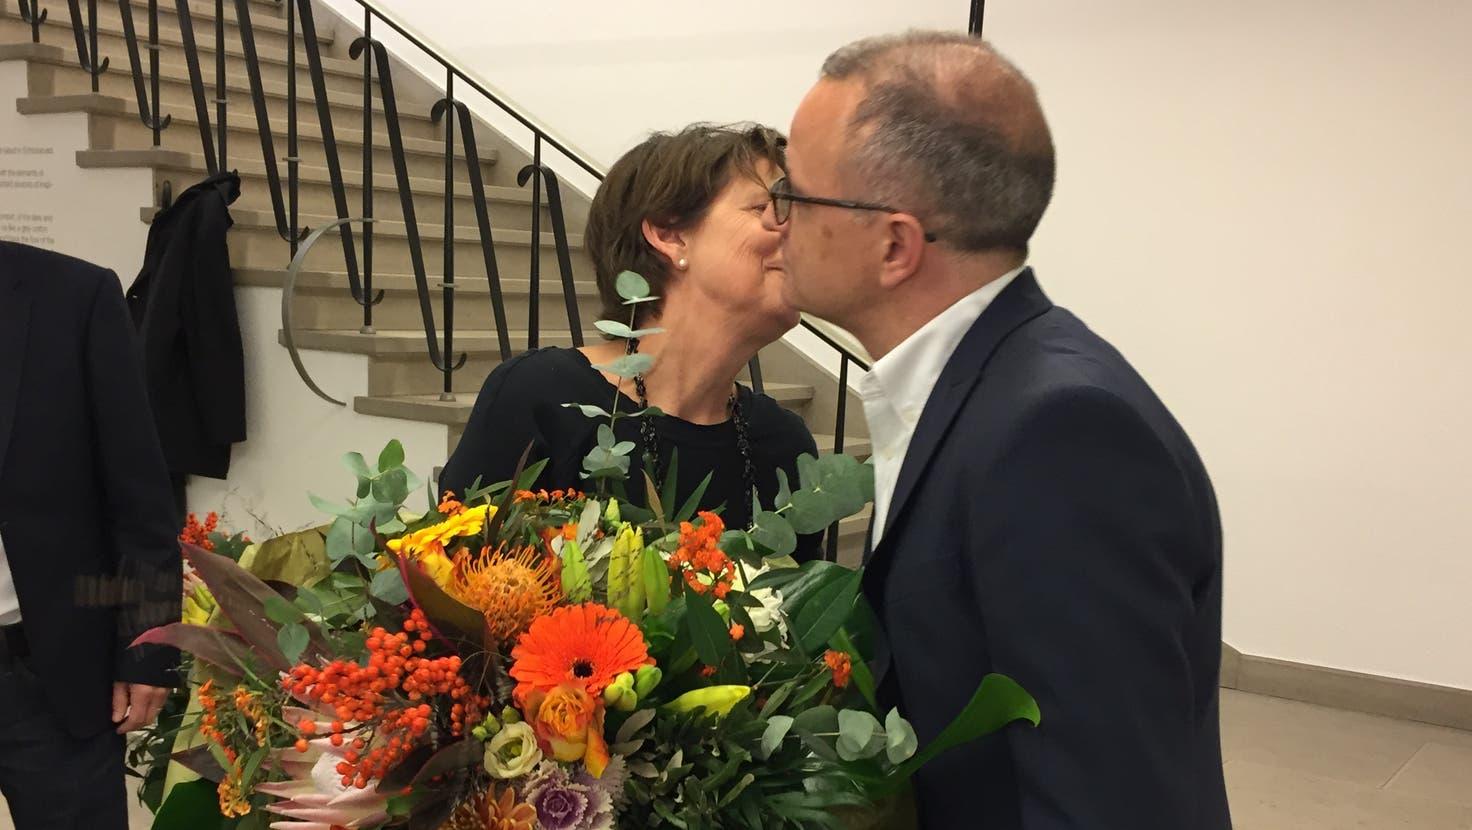 Das Bild von 2017 zeigt die nicht mehr angetretene Jolanda Urech(SP) bei der Grautaltion an Hanspeter Hilfiker (FDP) zur Wahl als neuer Stadtpräsident von Aarau. (Urs Helbling / AAR)